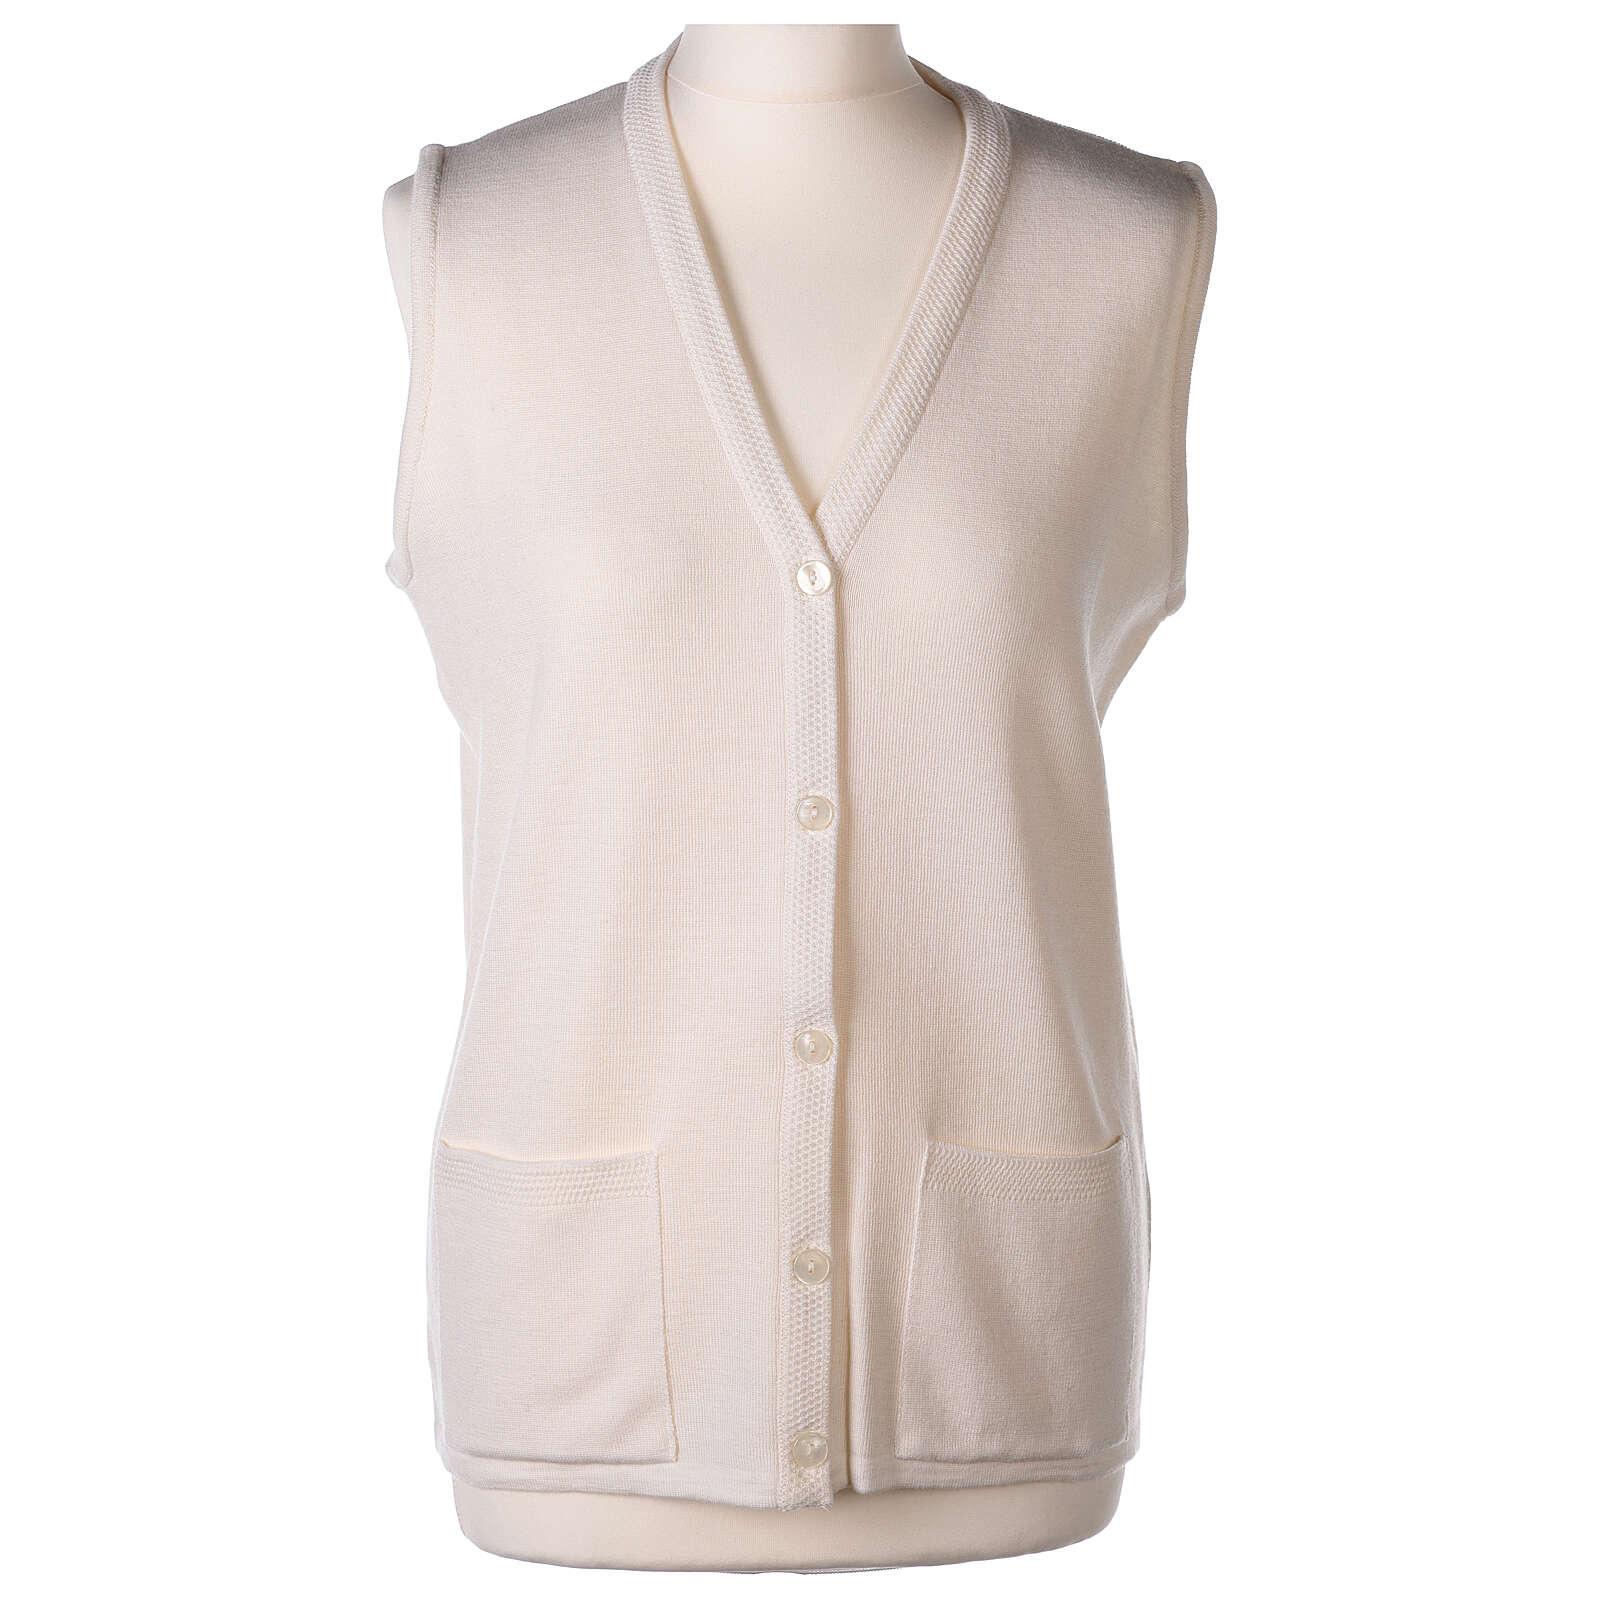 Gilet blanc pour soeur avec poches col en V 50% acrylique 50% laine mérinos In Primis 4